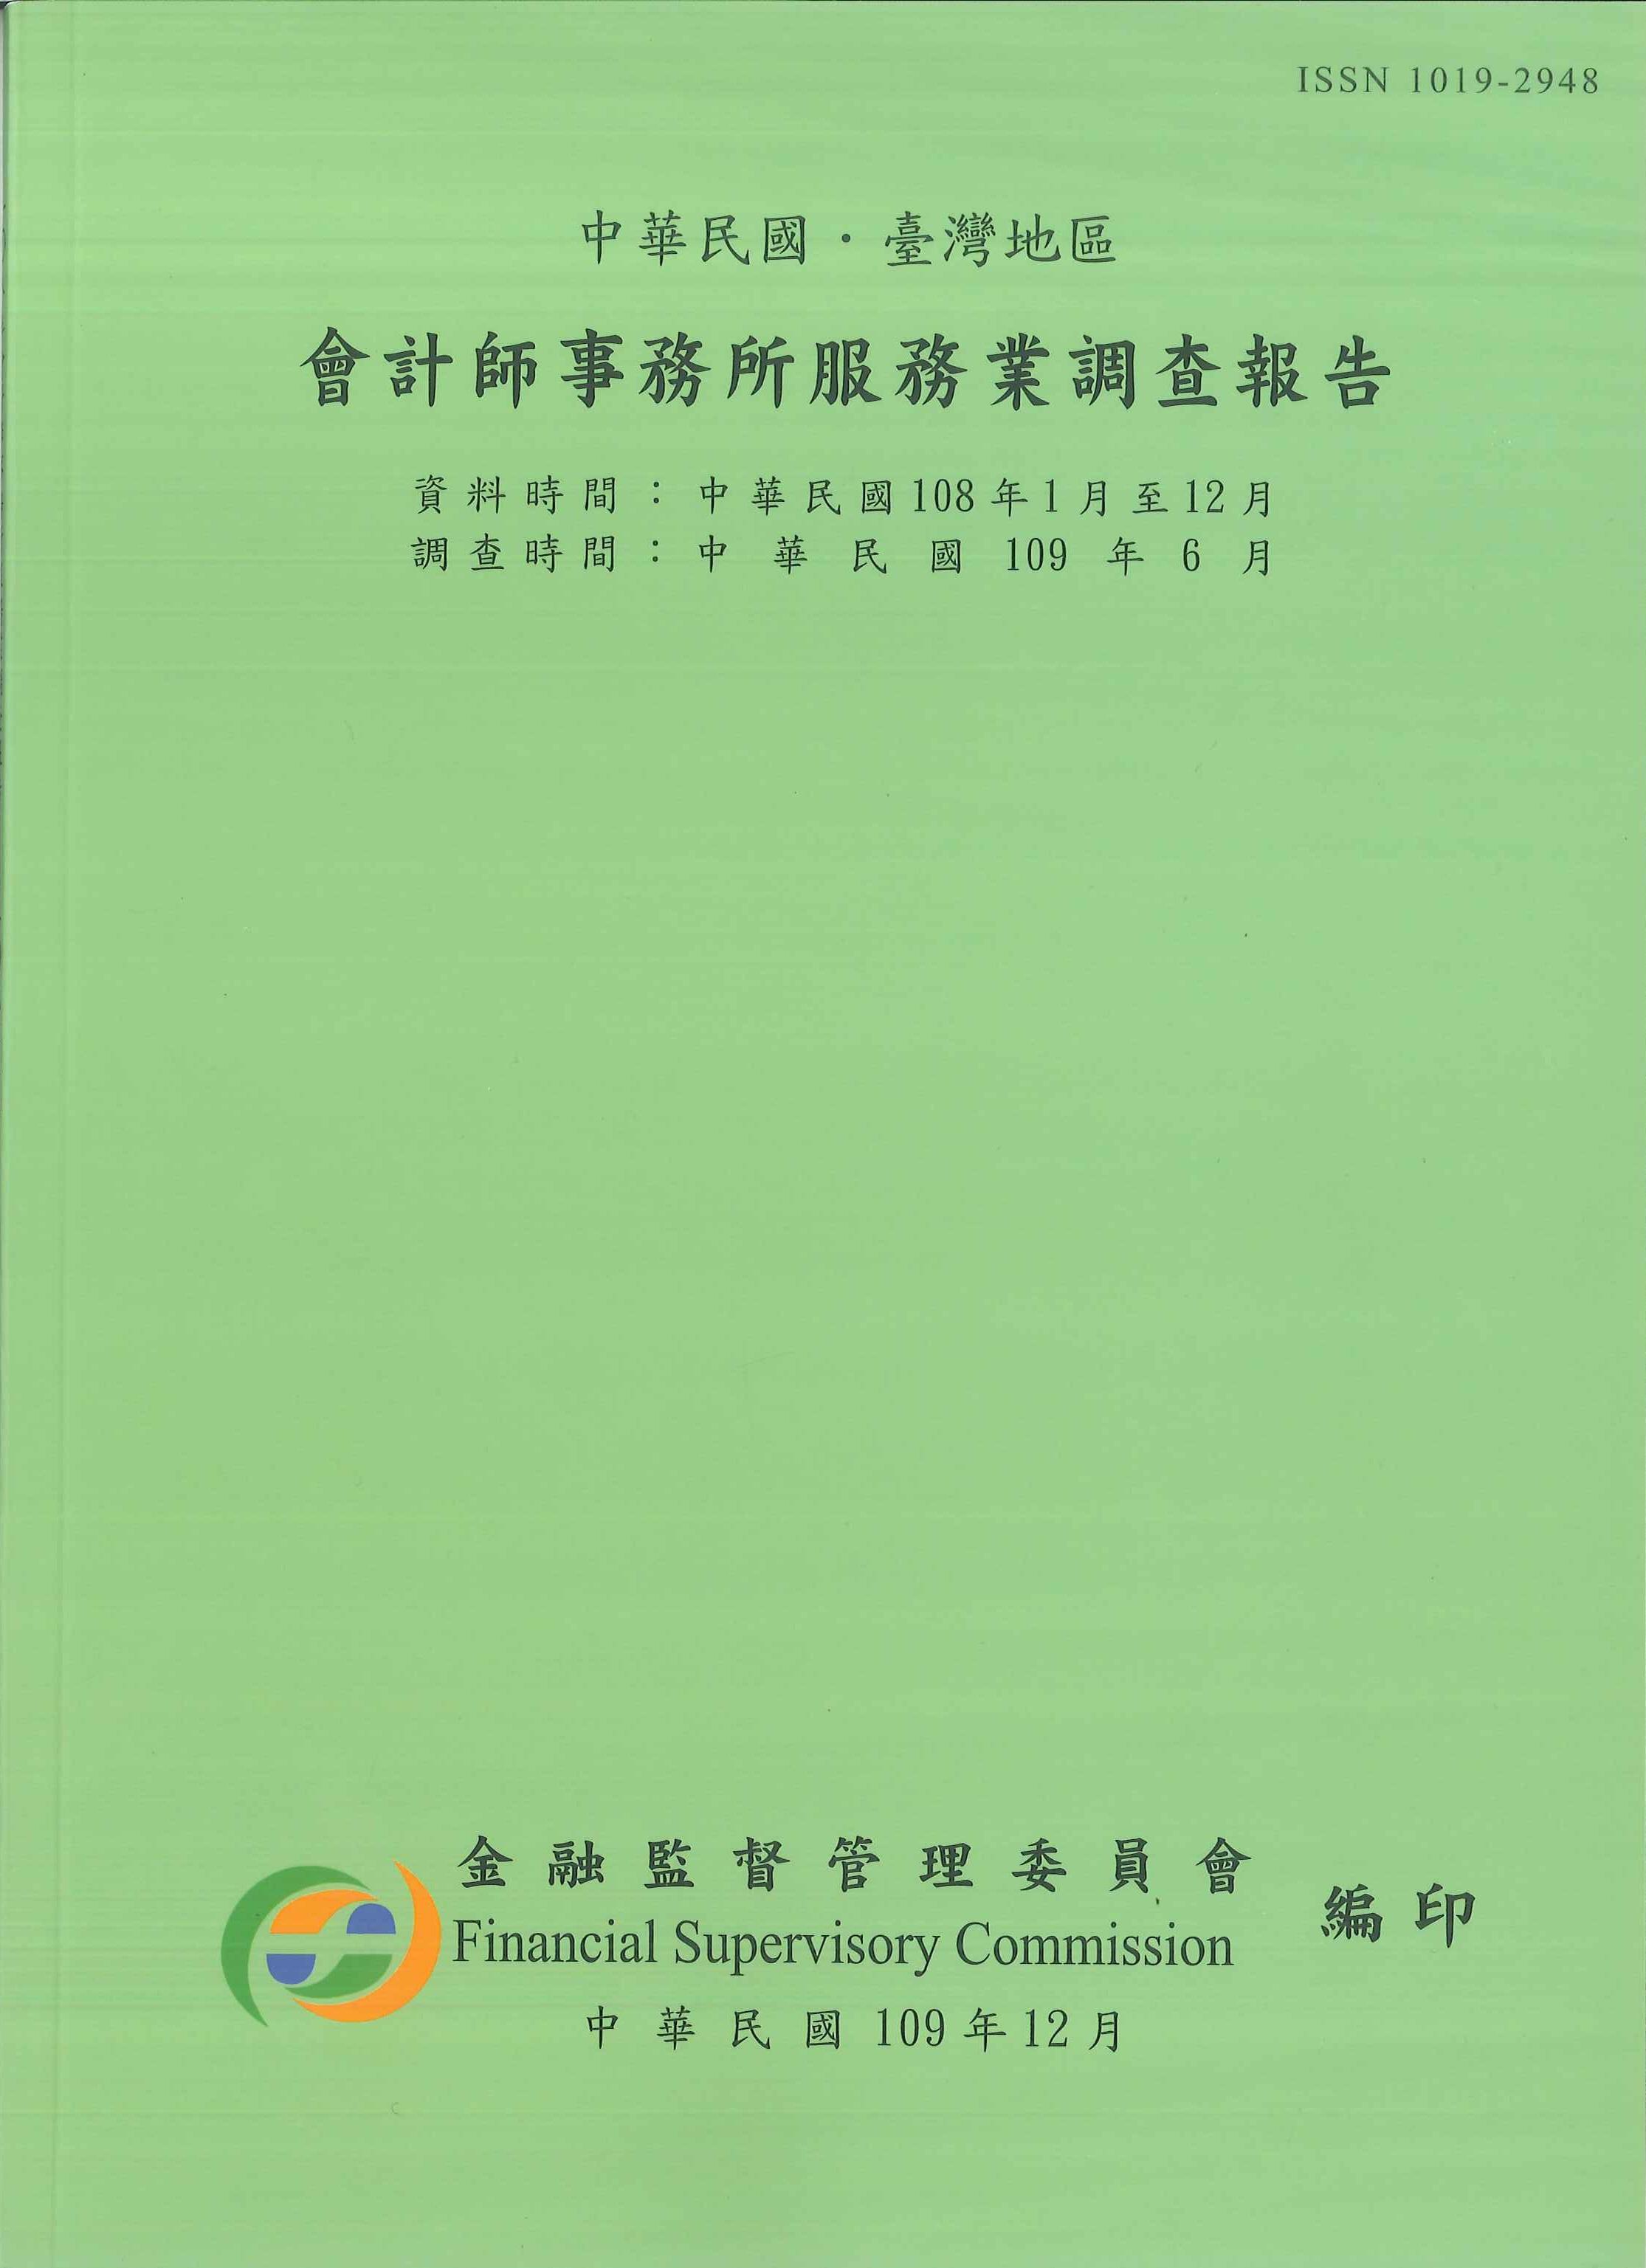 會計師事務所服務業調查報告